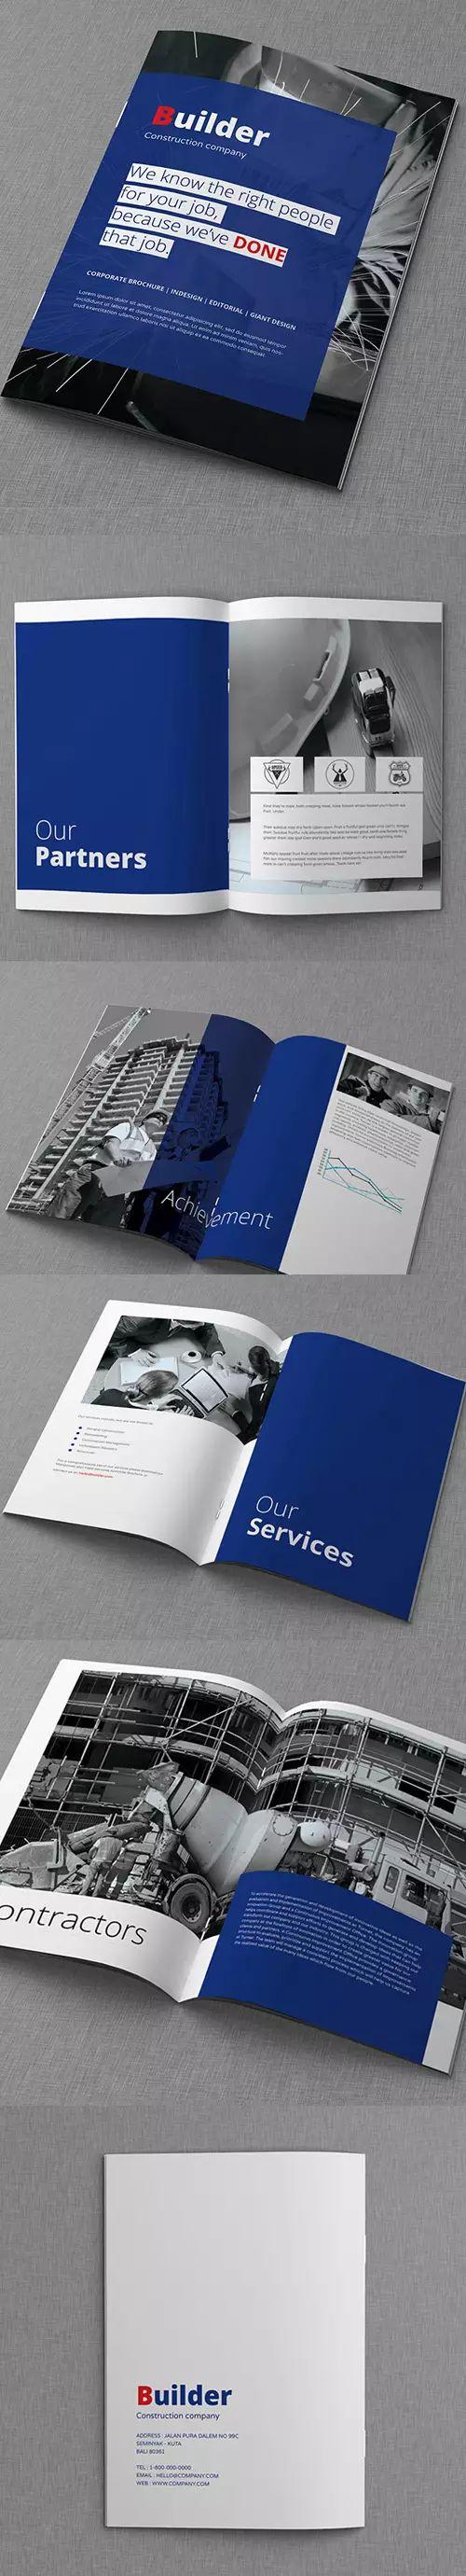 16例创意多功能商业画册版式设计欣赏【南征南征】